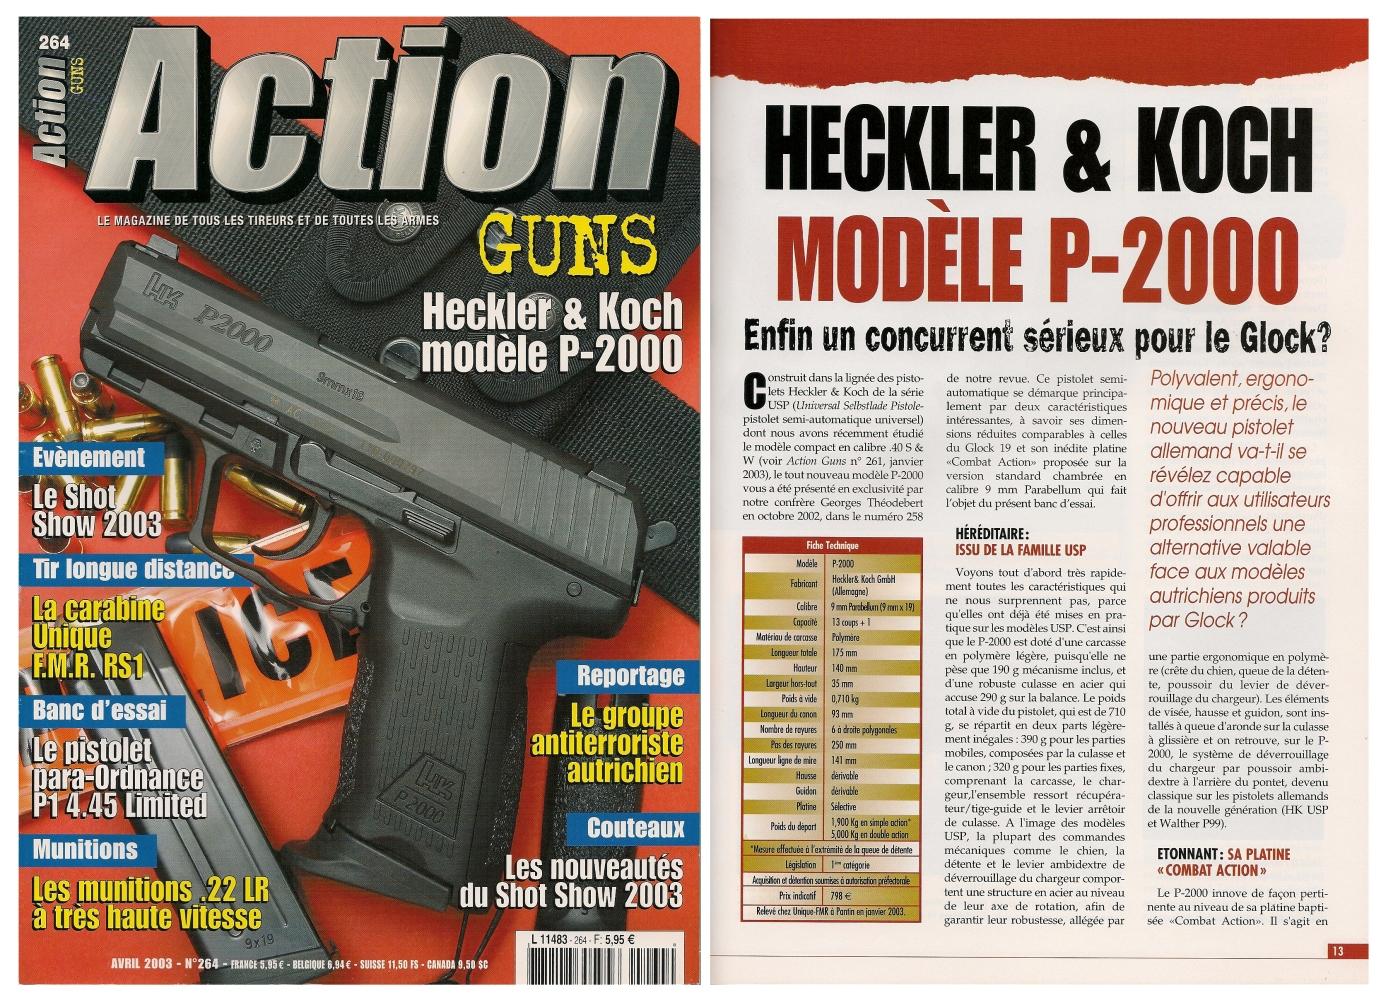 Le banc d'essai du pistolet Heckler & Koch modèle P-2000 a été publié sur 8 pages dans le magazine Action Guns n° 264 (avril 2003).